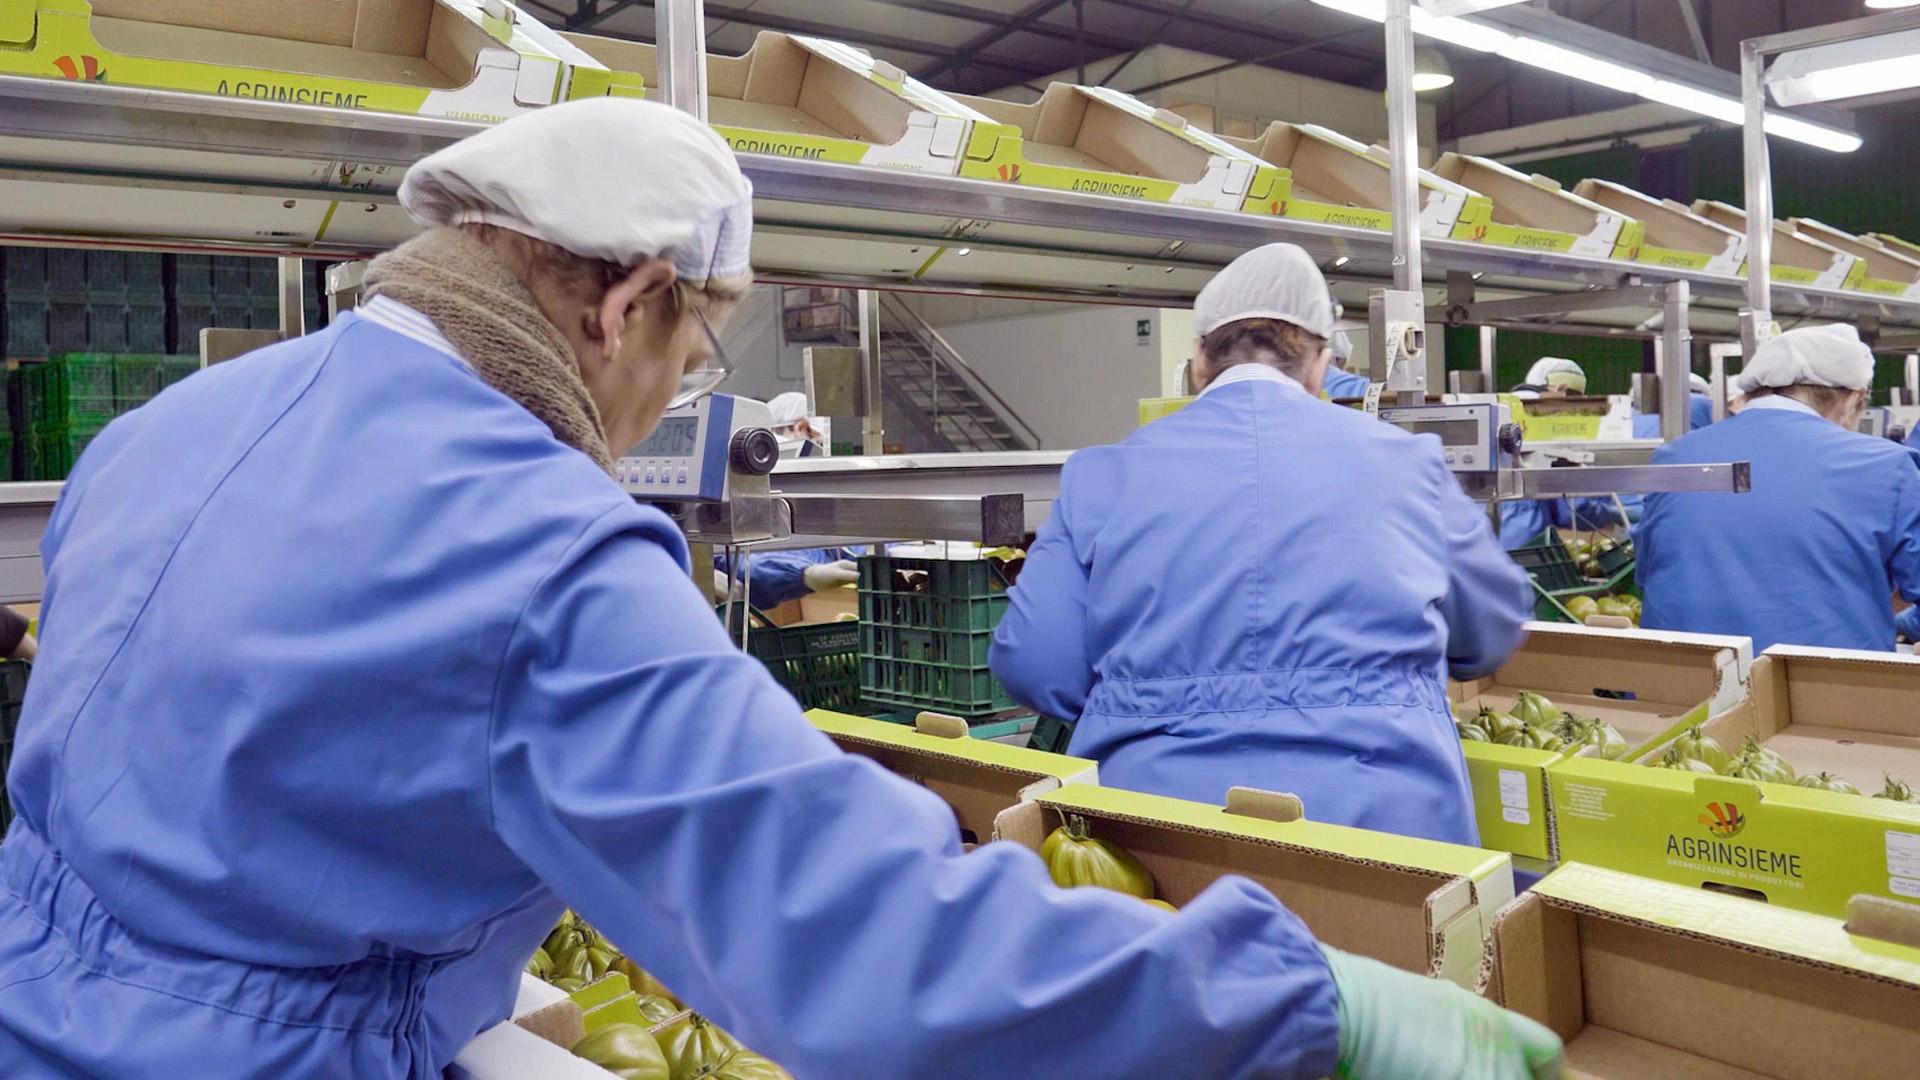 linea-di-produzione-agrinsieme.organizzazione-produttori